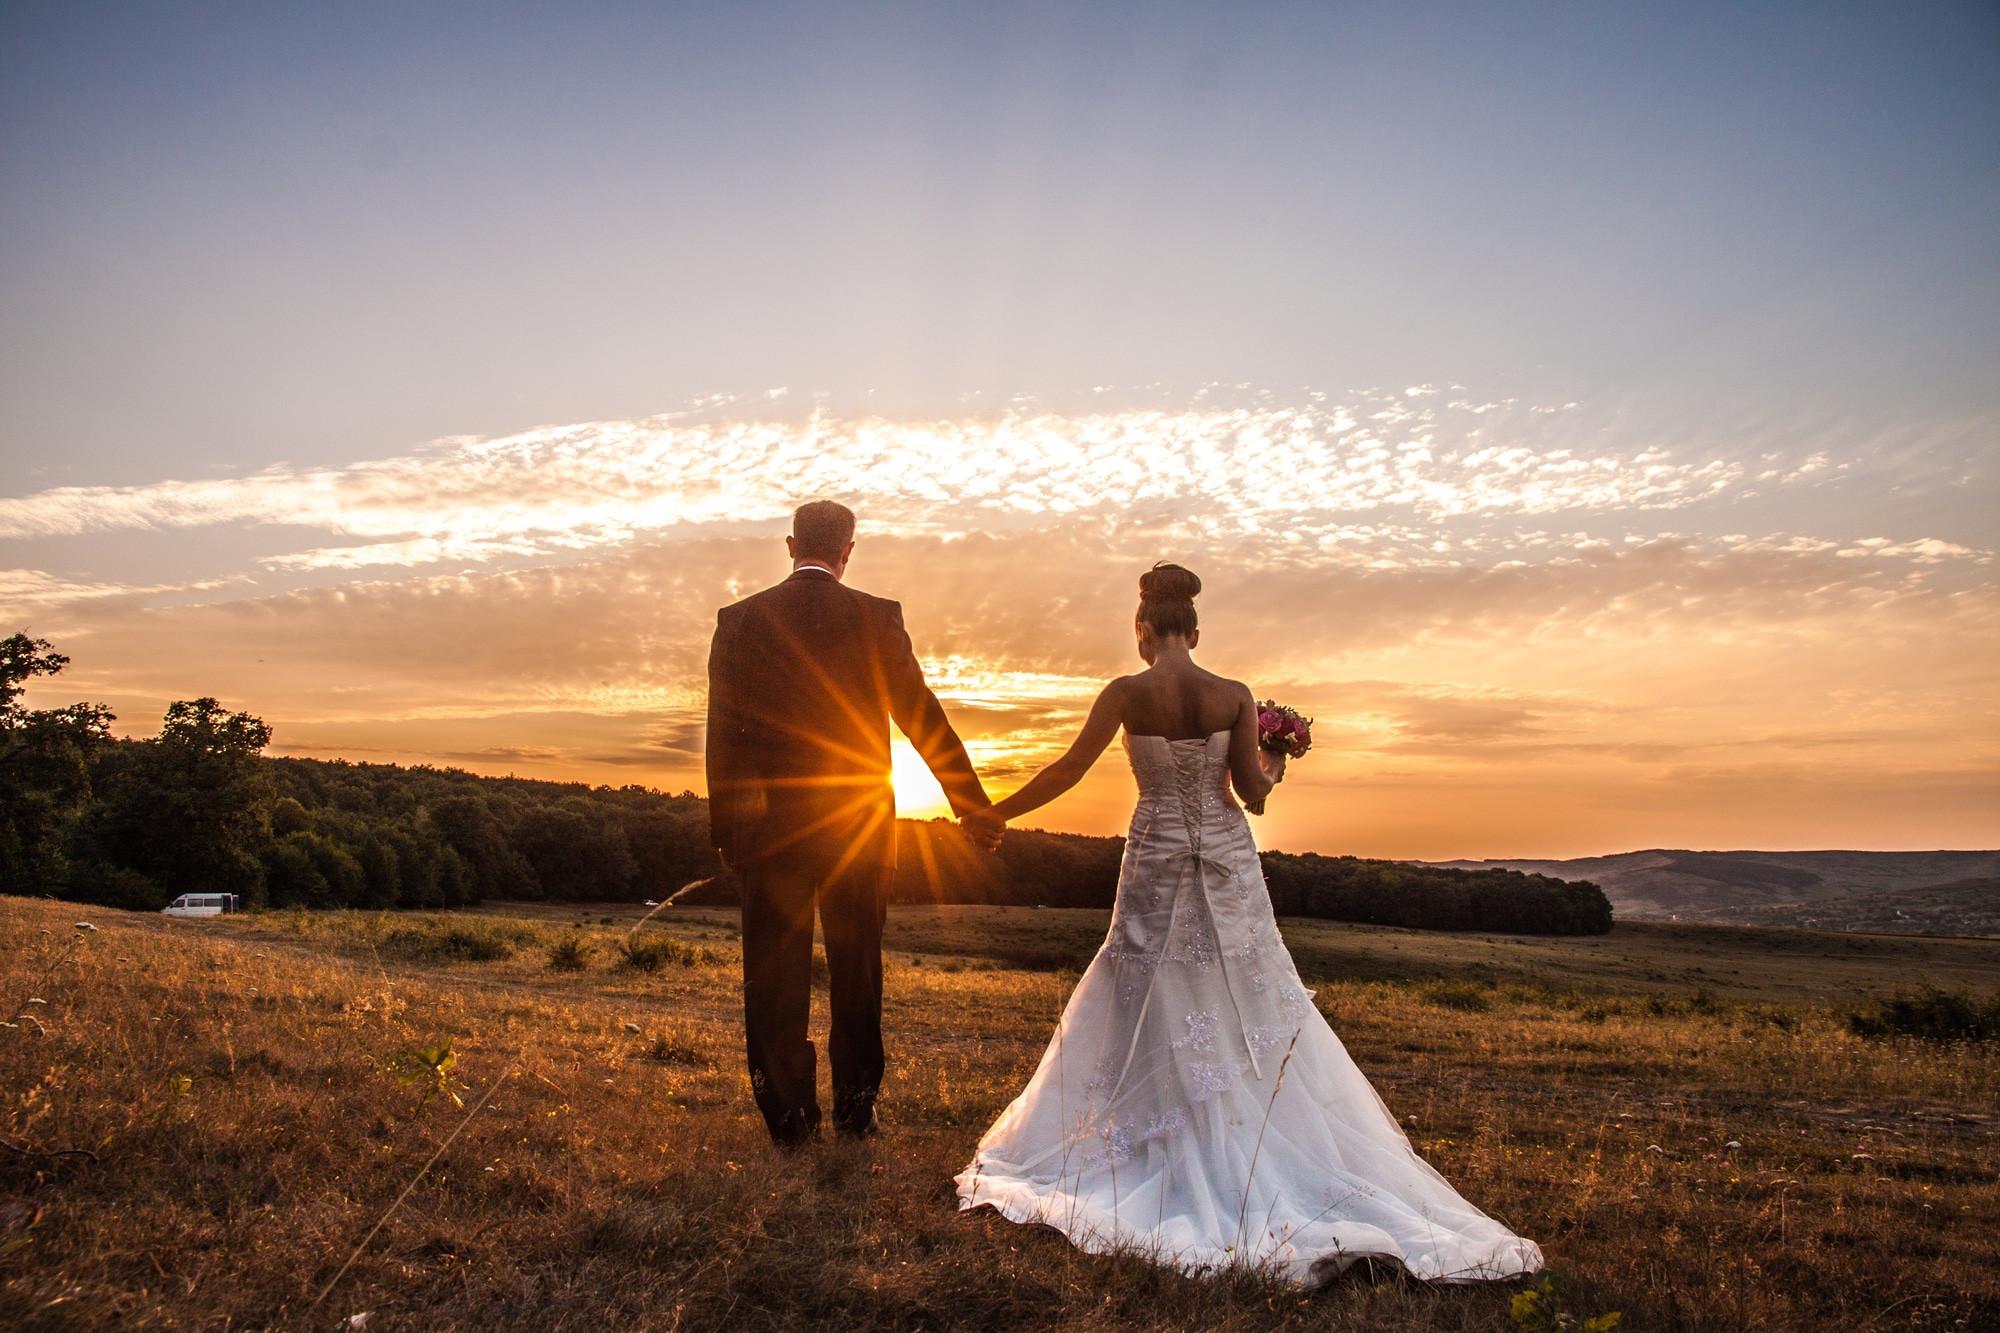 Schöne Hochzeitswünsche  70 bezaubernde Hochzeitswünsche für eine glückliche Ehe